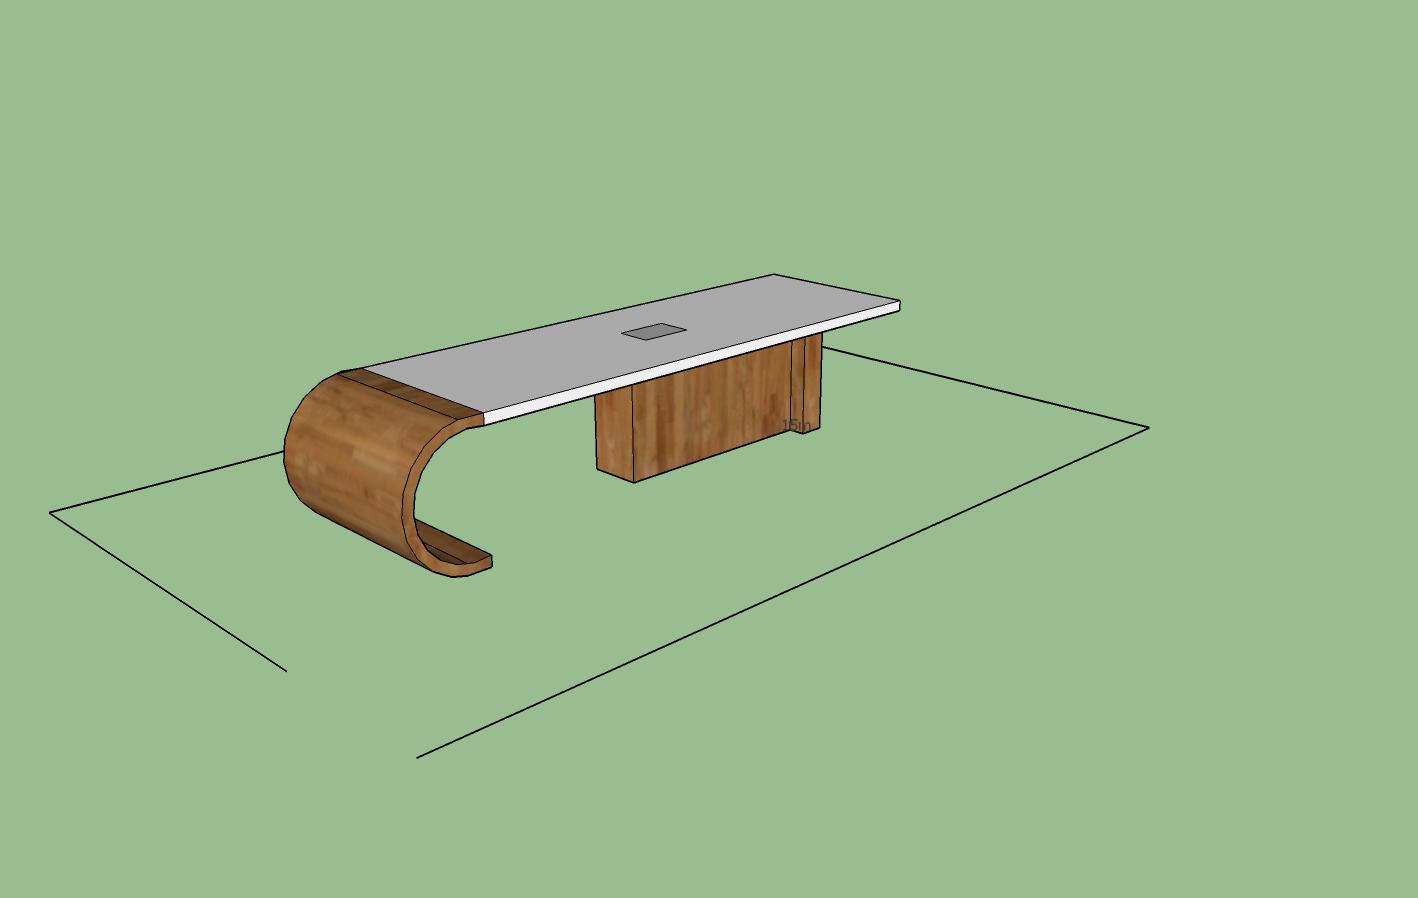 סקיצת שוחן ישיבה